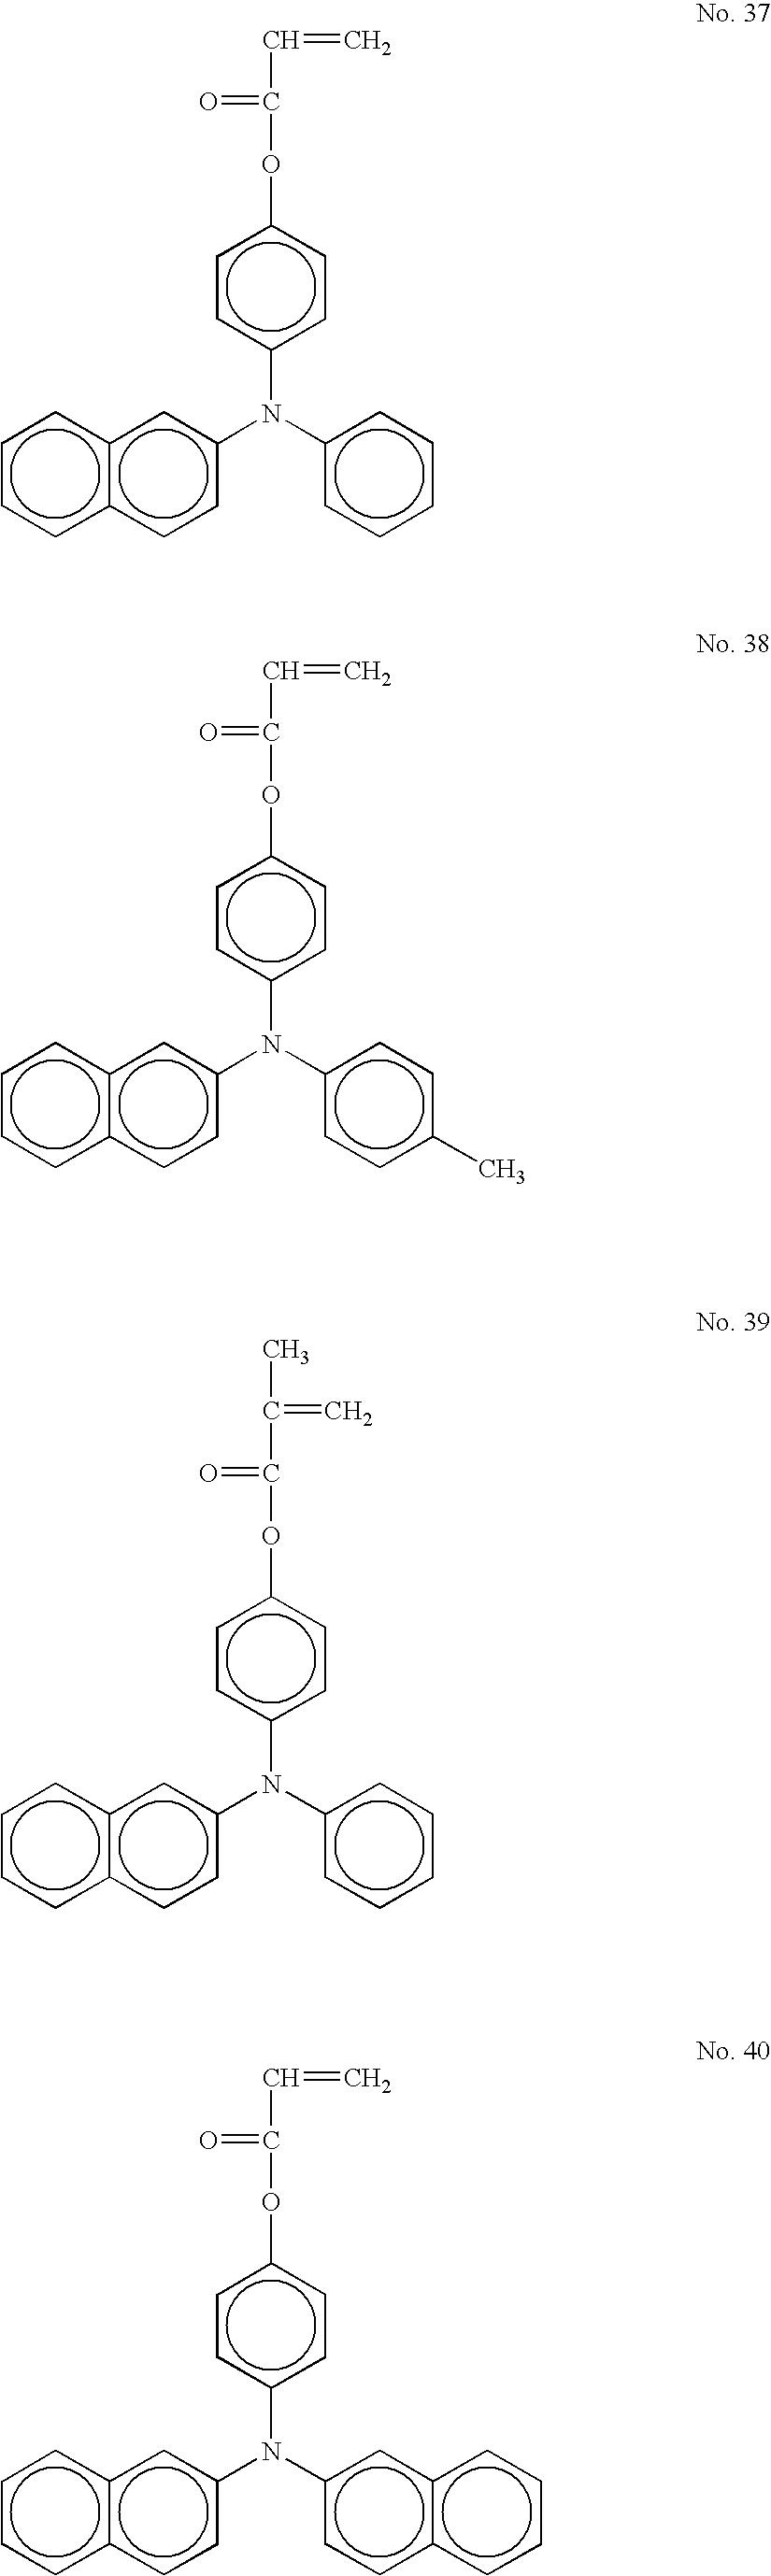 Figure US20050175911A1-20050811-C00015